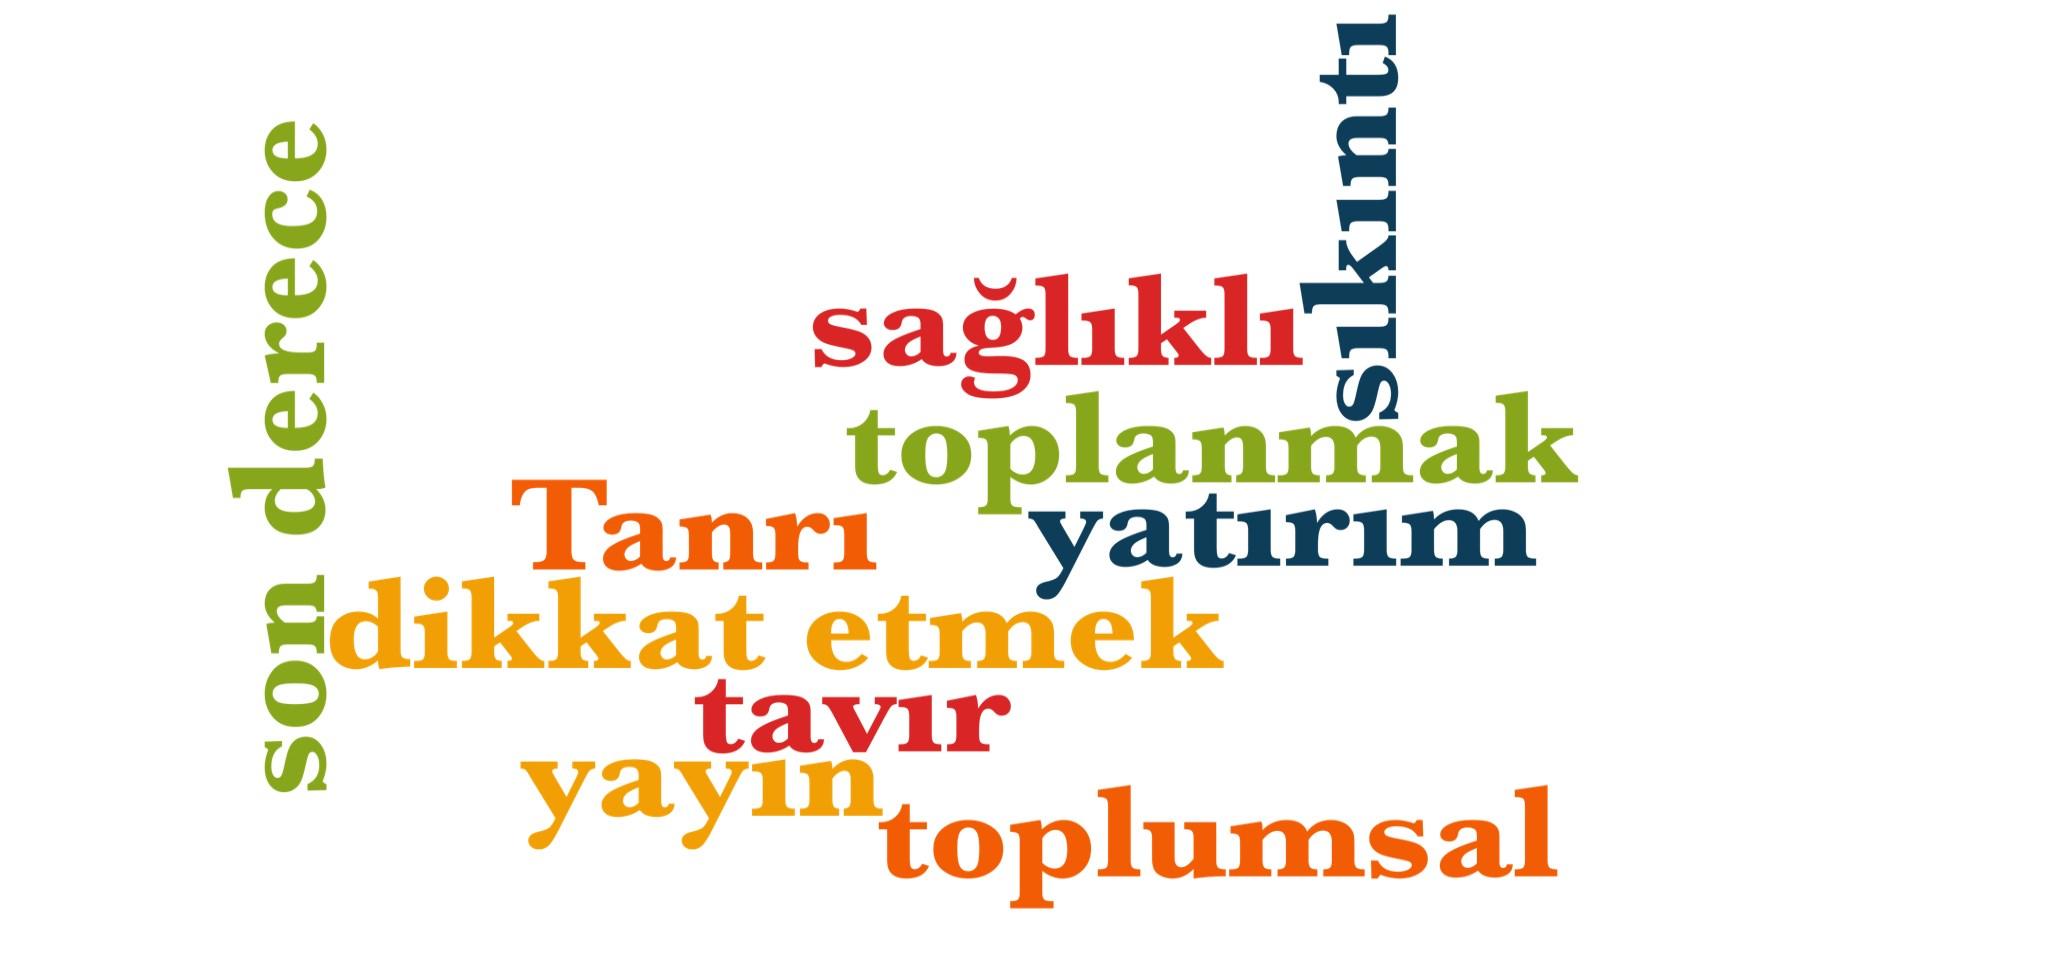 Wörter 821 bis 830 der 1000 häufigsten Wörter der türkischen Sprache